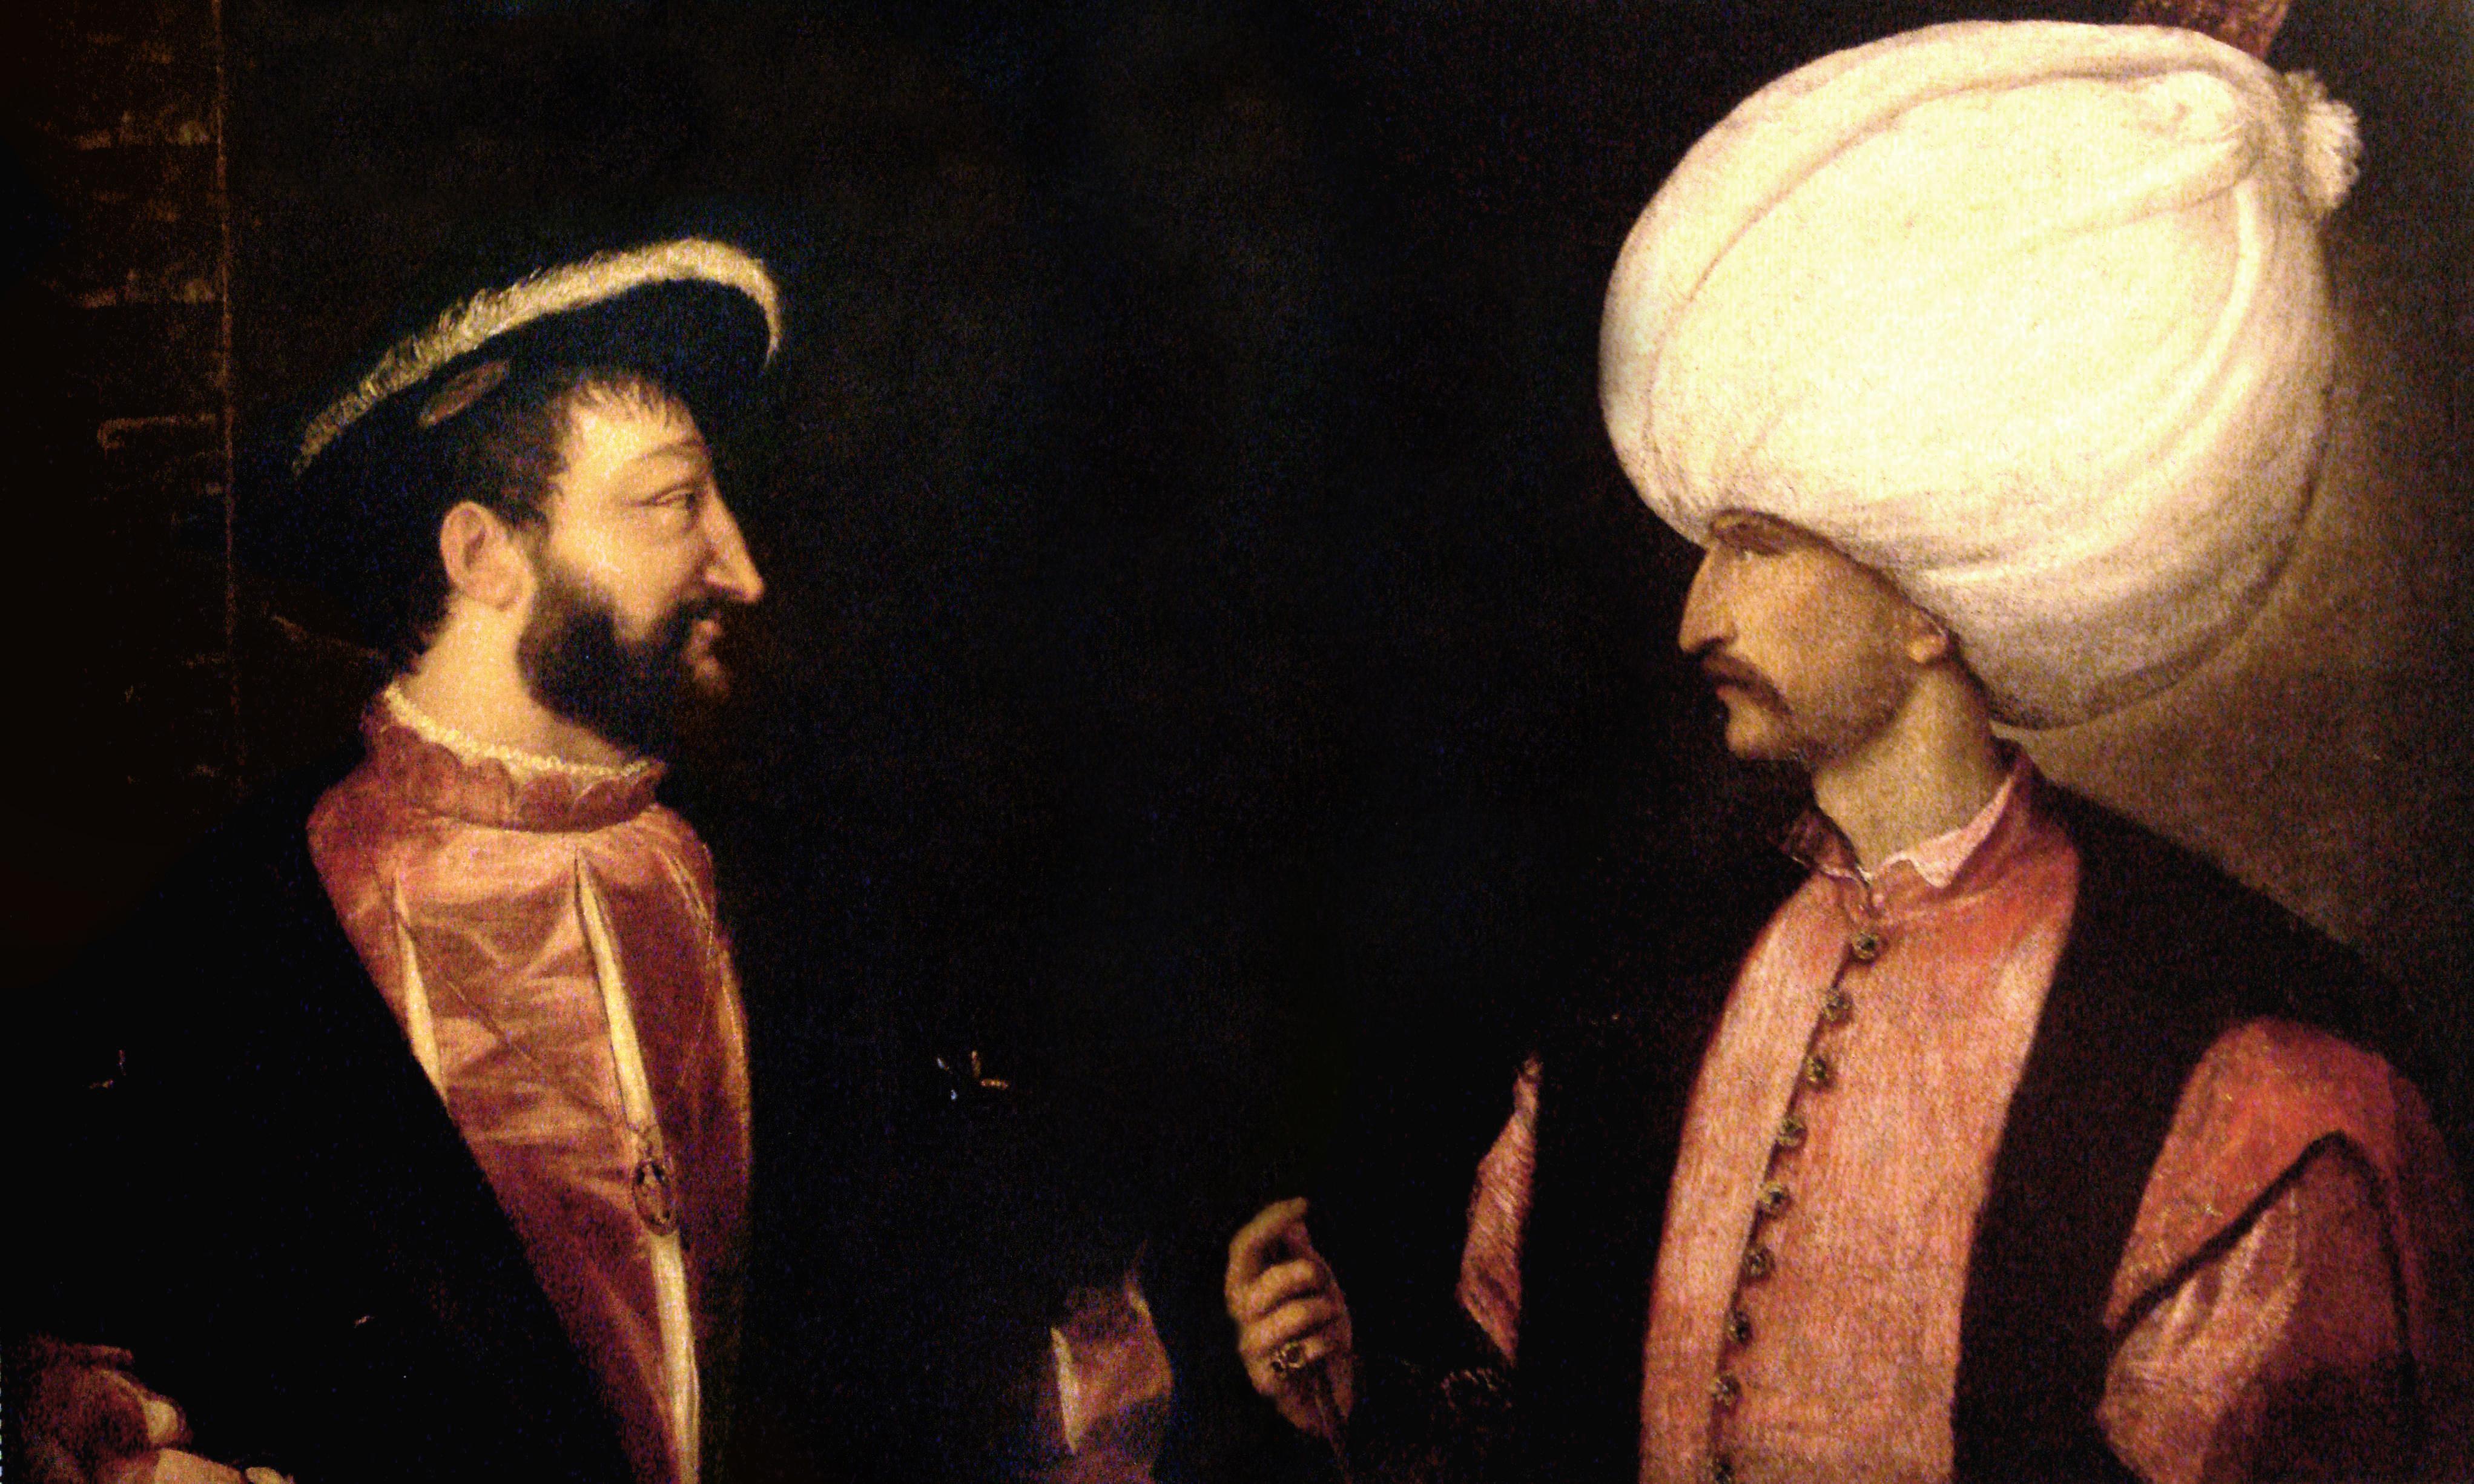 François Ier et Soliman le Magnifique, Le Titien vers 1530